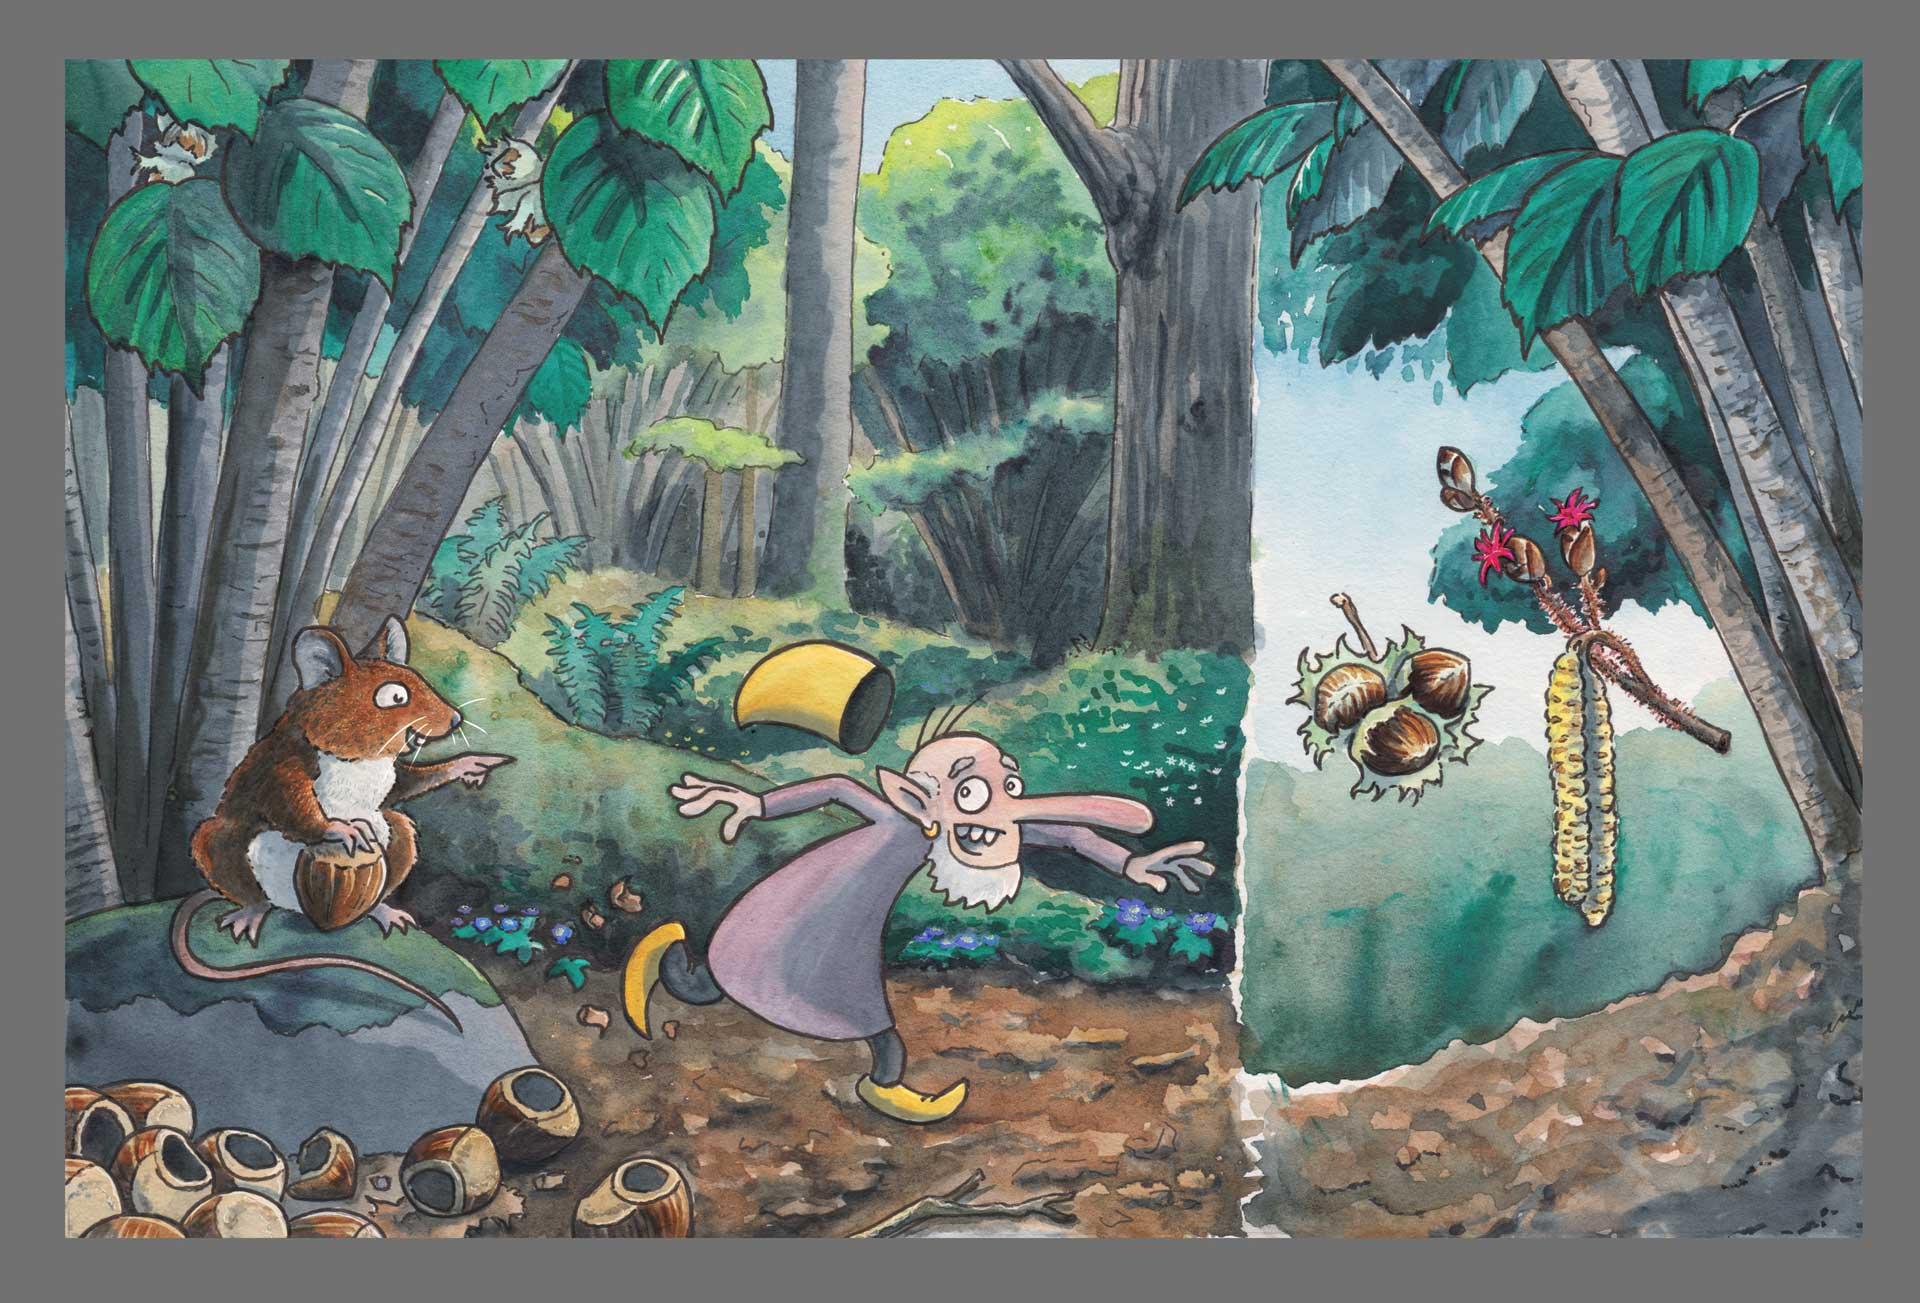 En vätte springer ifrån en mus med en hasselnöt. Illustration Erik Kohlström